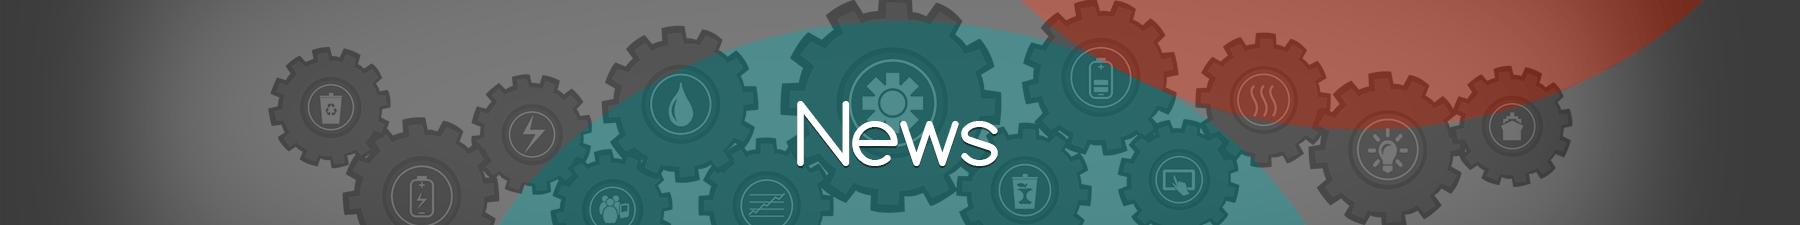 News_april-16